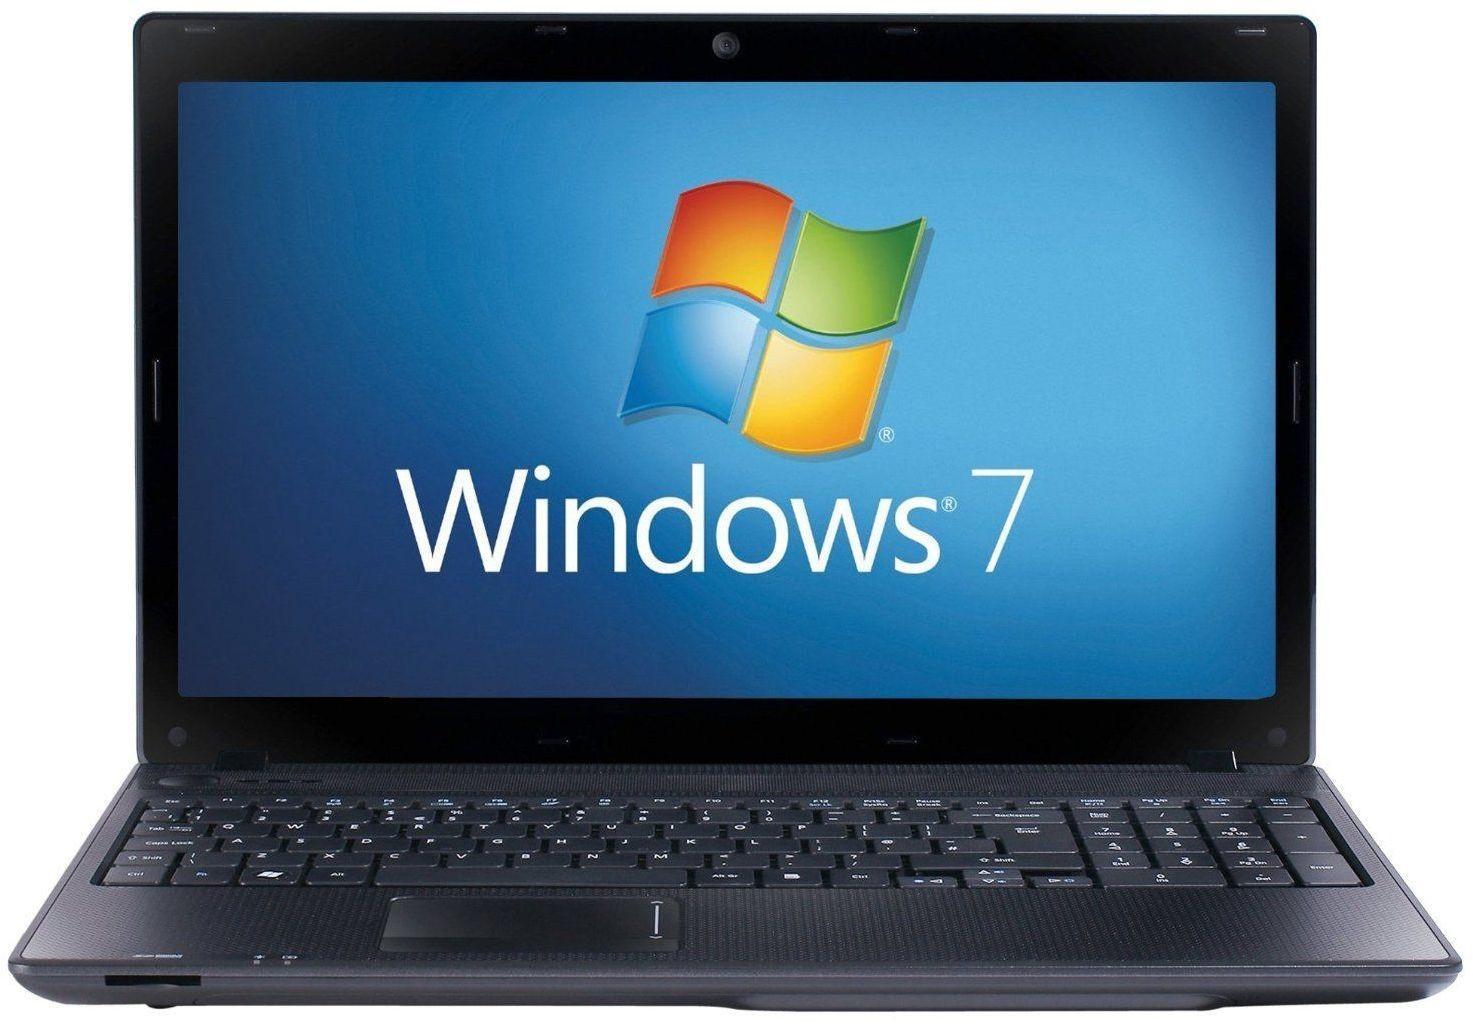 ویندوز,ویندوز 7 ,ویندوز سون,ویندوز هفت,ویژگی های پنهان,windows,windows xp,windows 7,